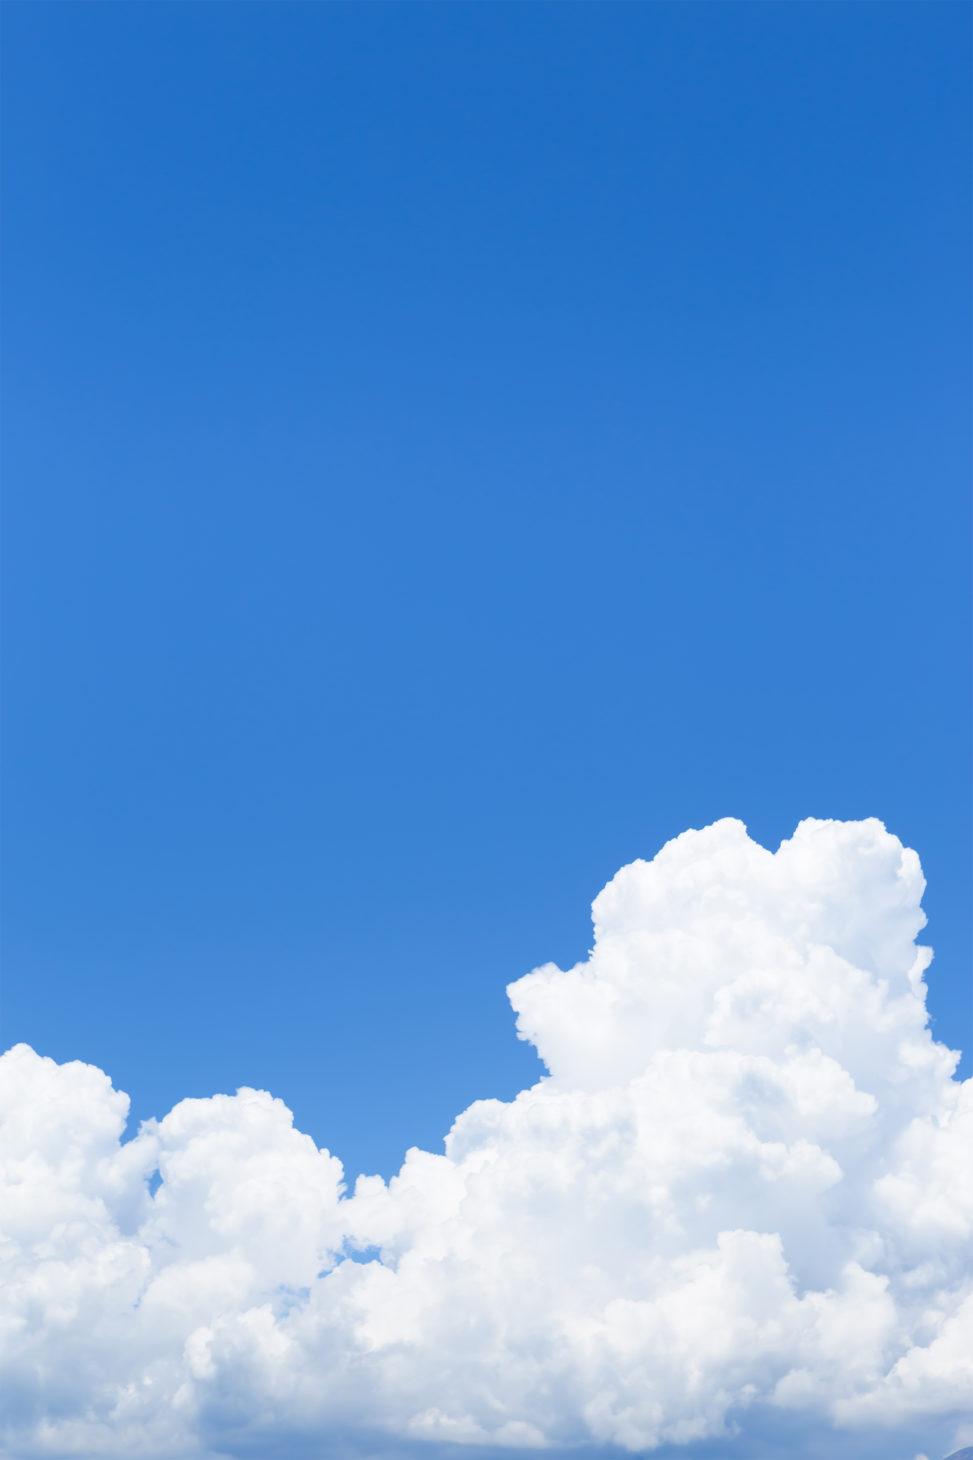 真夏の入道雲02の写真素材